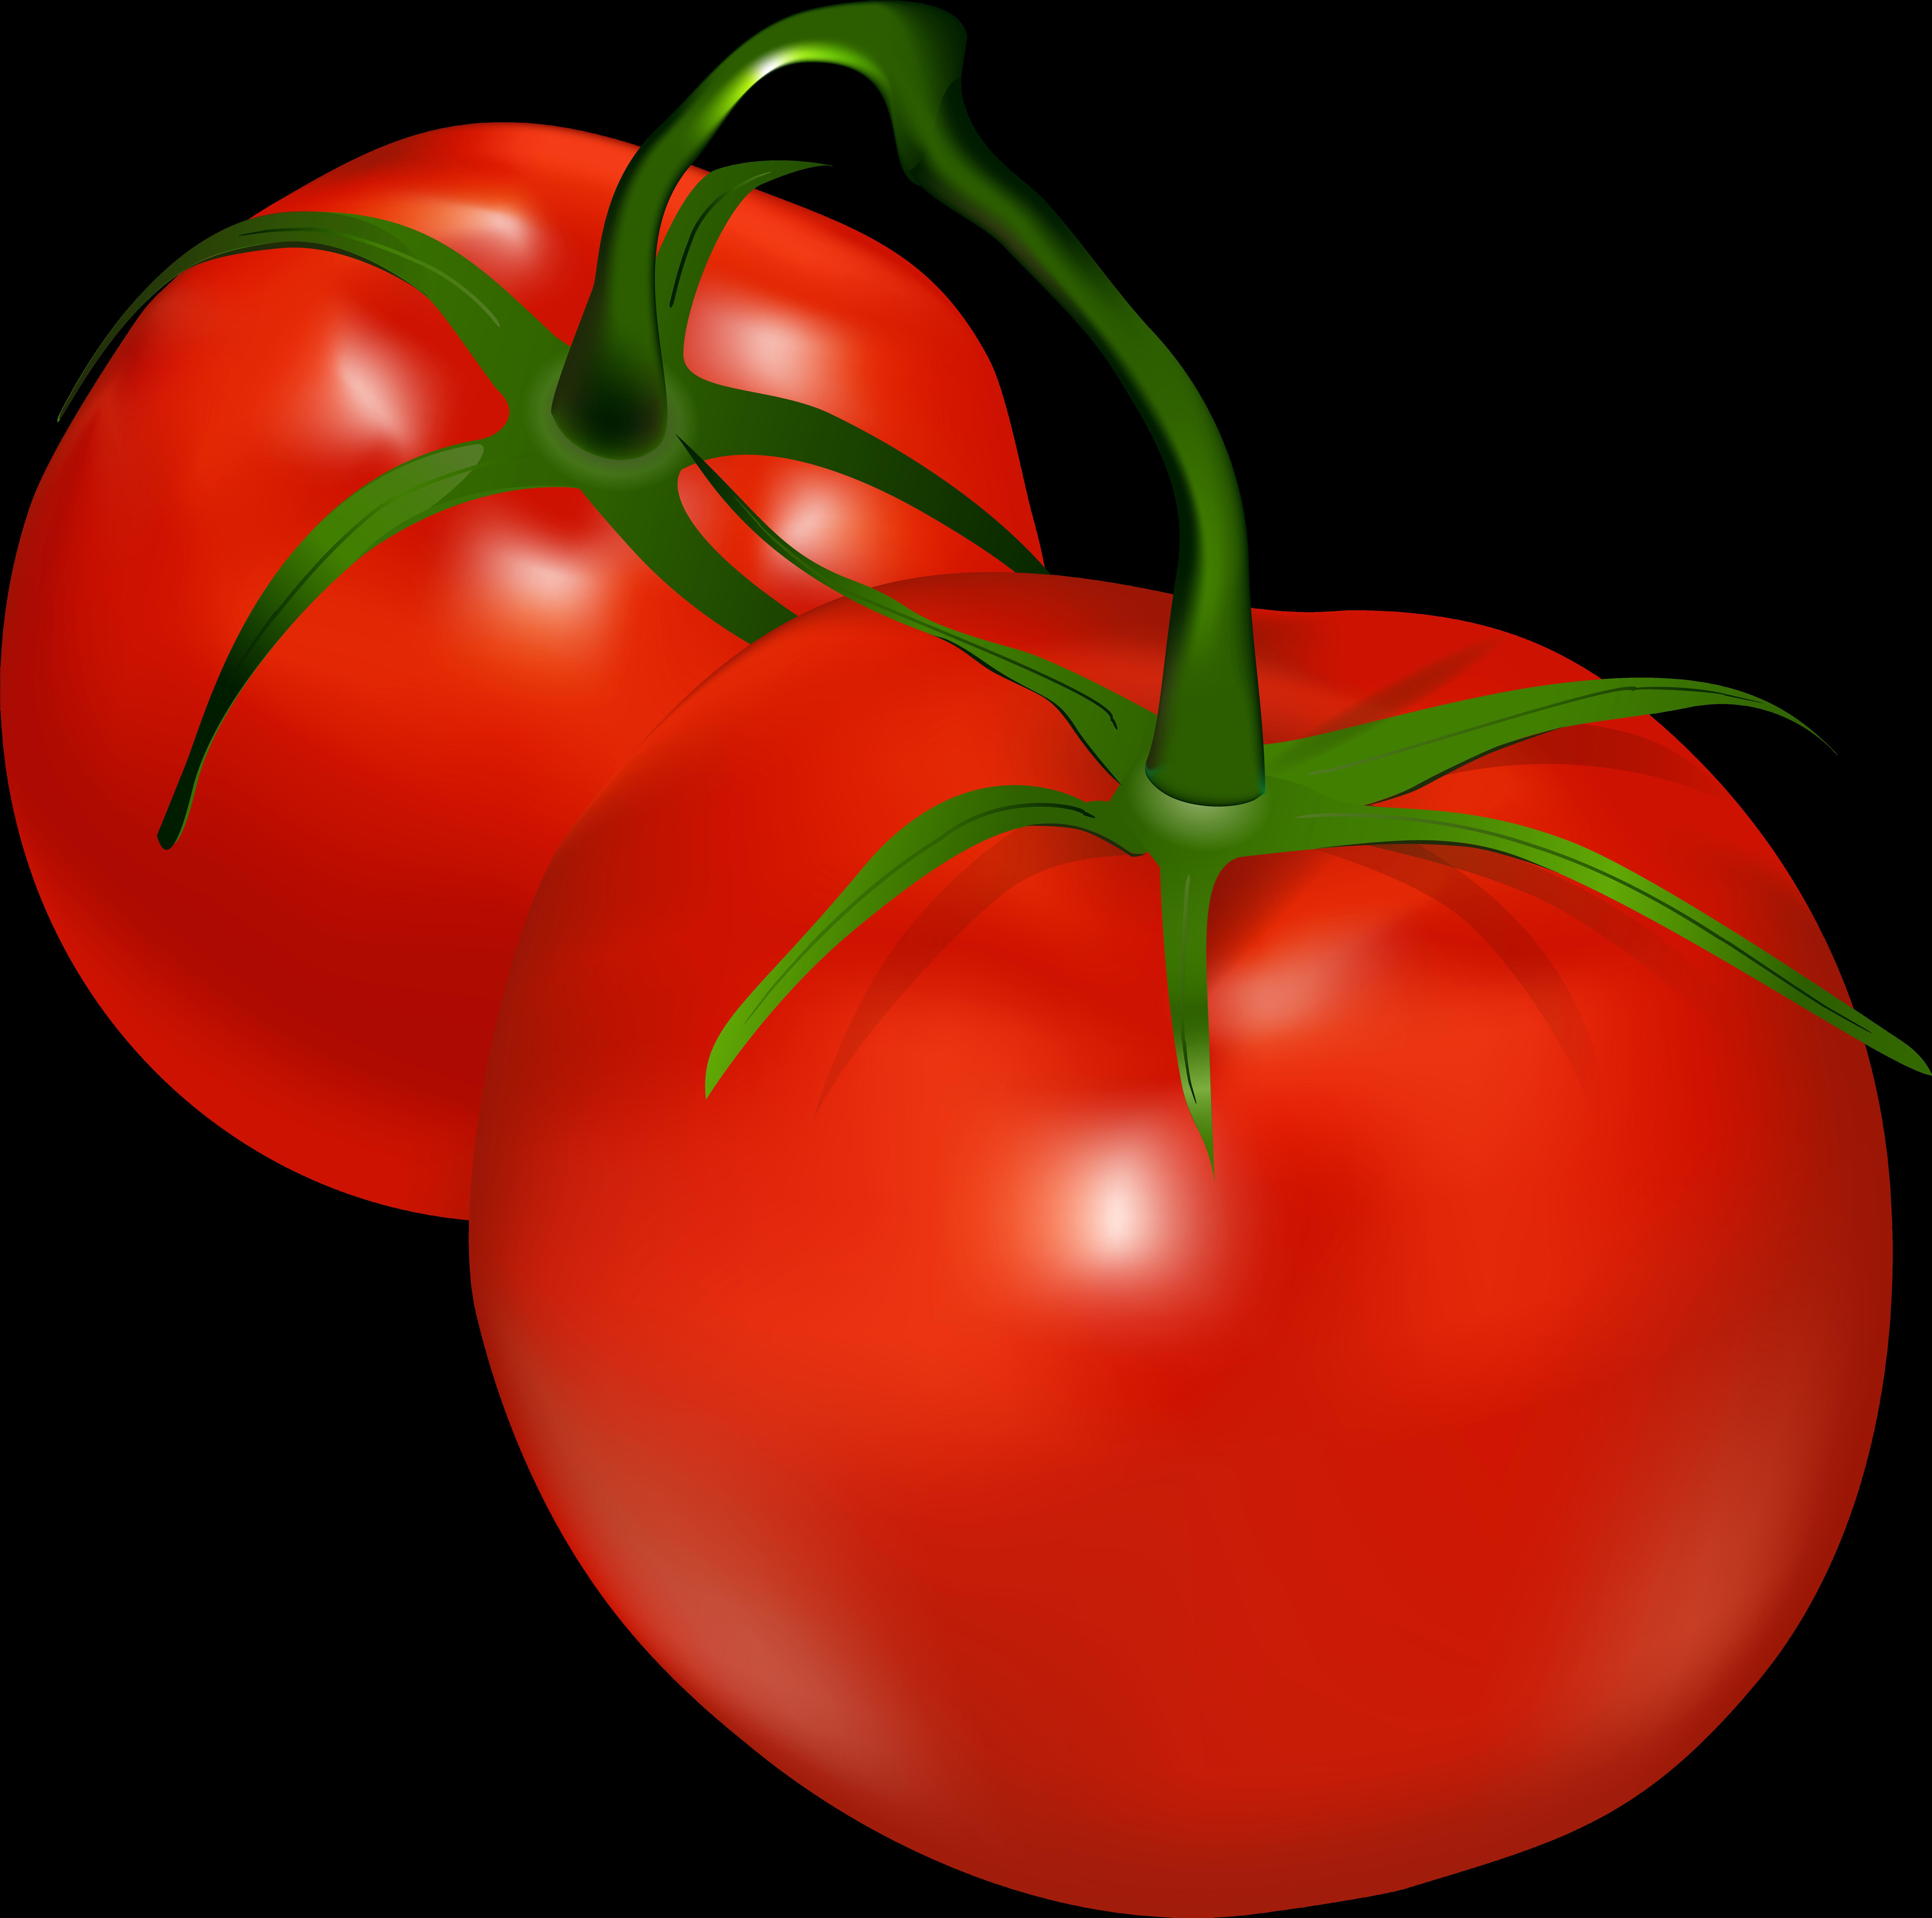 Tomatoes clipart vine clip art, Tomatoes vine clip art.